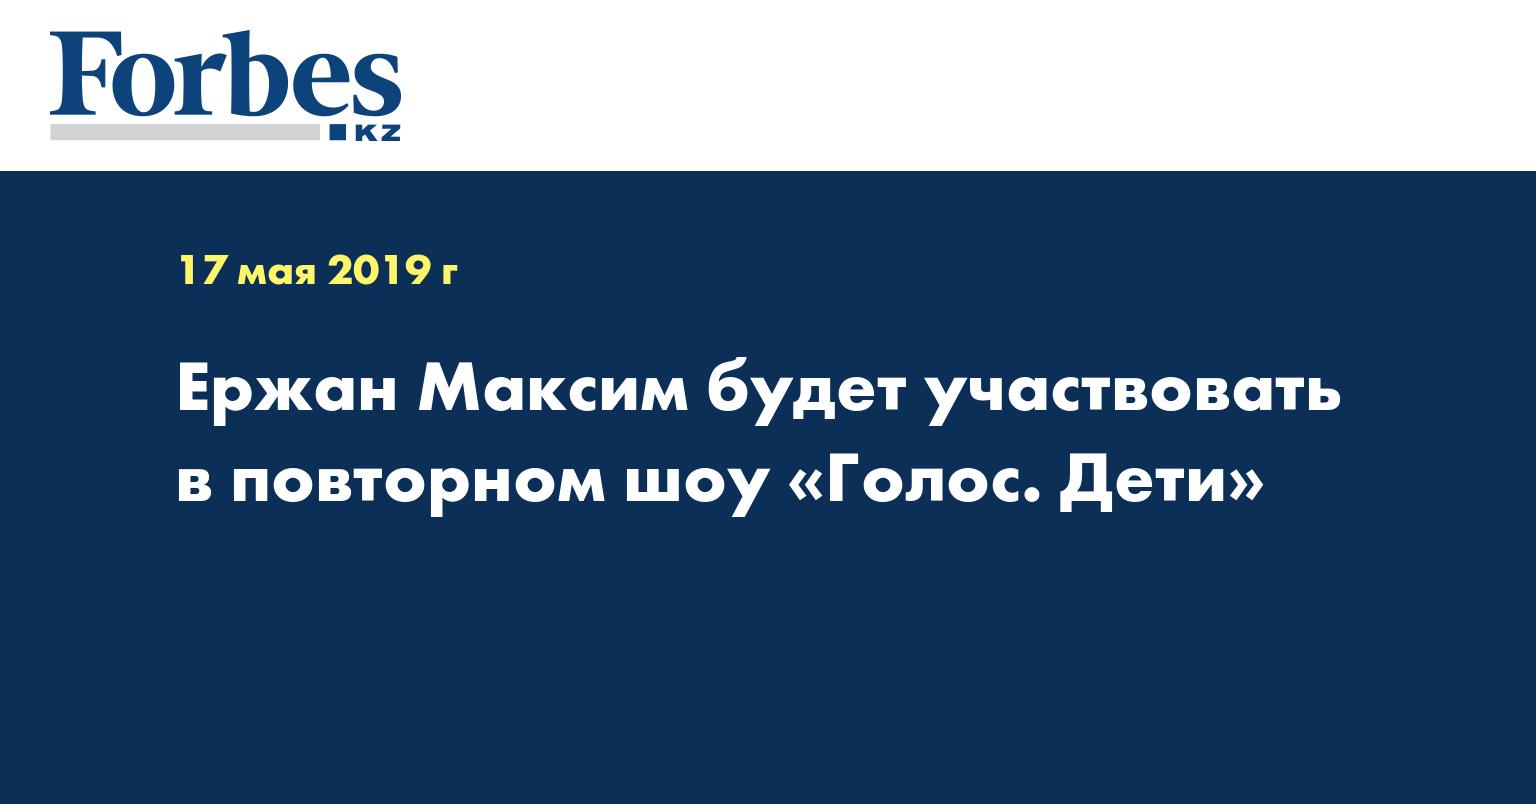 Ержан Максим будет участвовать в повторном шоу «Голос. Дети»